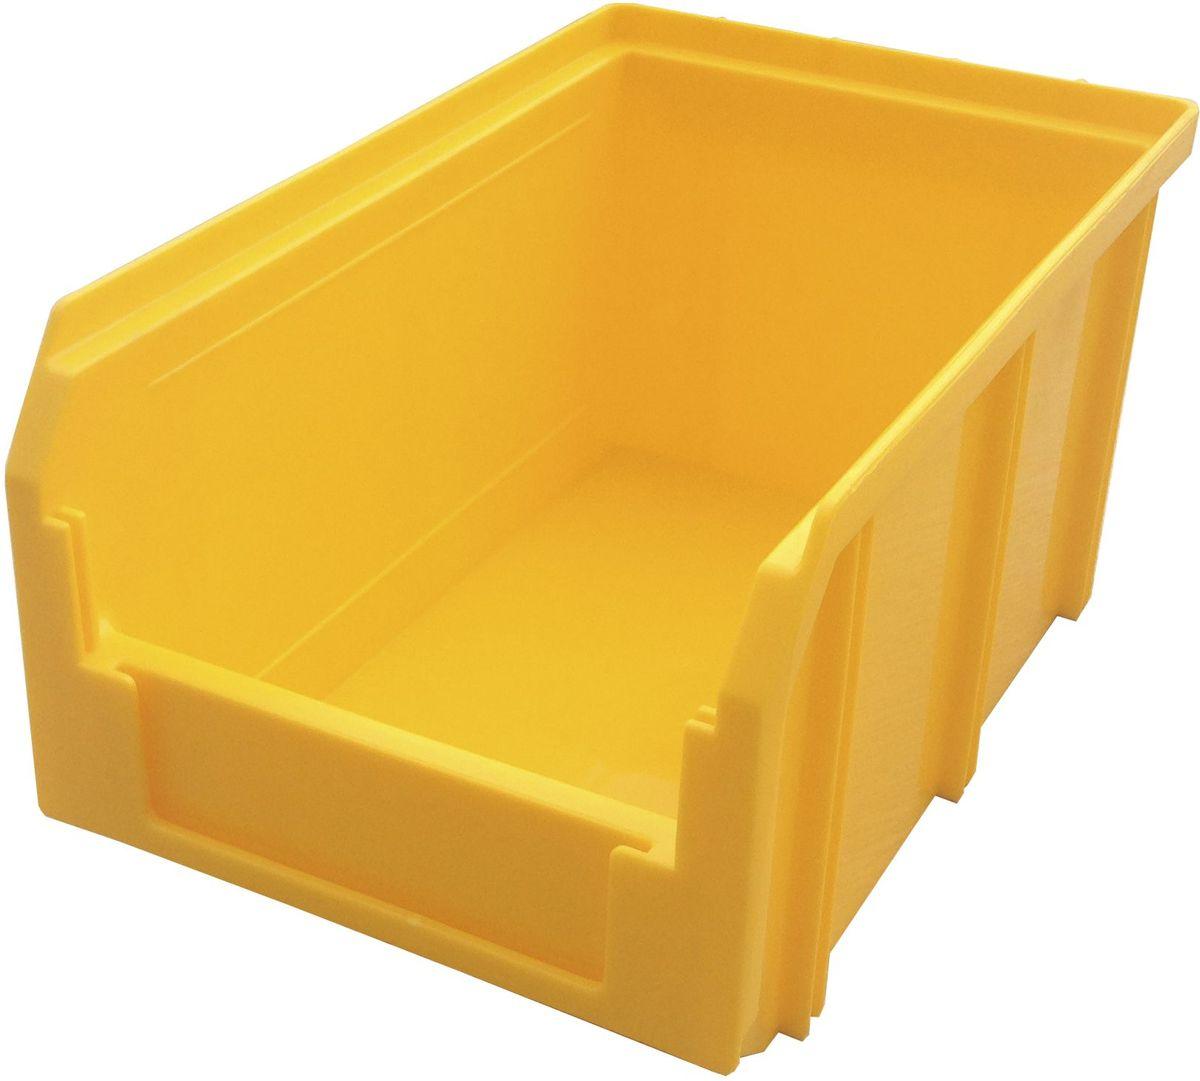 Ящик пластиковый Стелла V-2, цвет: желтый, 12,1 х 14,9 х 23,4 смCA-3505Пластиковый ящик V-2 (234 х 149 х 121 мм) применяется на складах для организации мест хранения для различных мелочей, например: деталей, заготовок, комплектующих, крепежа, запчастей и многого другого. Ящик отличается высоким уровнем износостойкости, он полностью выполнен из ударопрочного материала - полипропилена. Для быстрой идентификации нужного ящика в передней стенке предусмотрен карман для ярлыка с описанием содержимого.Вес, кг: 0,30. Габариты, мм: 234 x 149 x 121. Объем 3,8 л. Возможность штабелирования контейнеров друг на друга. Удобные рукоятки. Наличие зацепа для размещения на стойке.